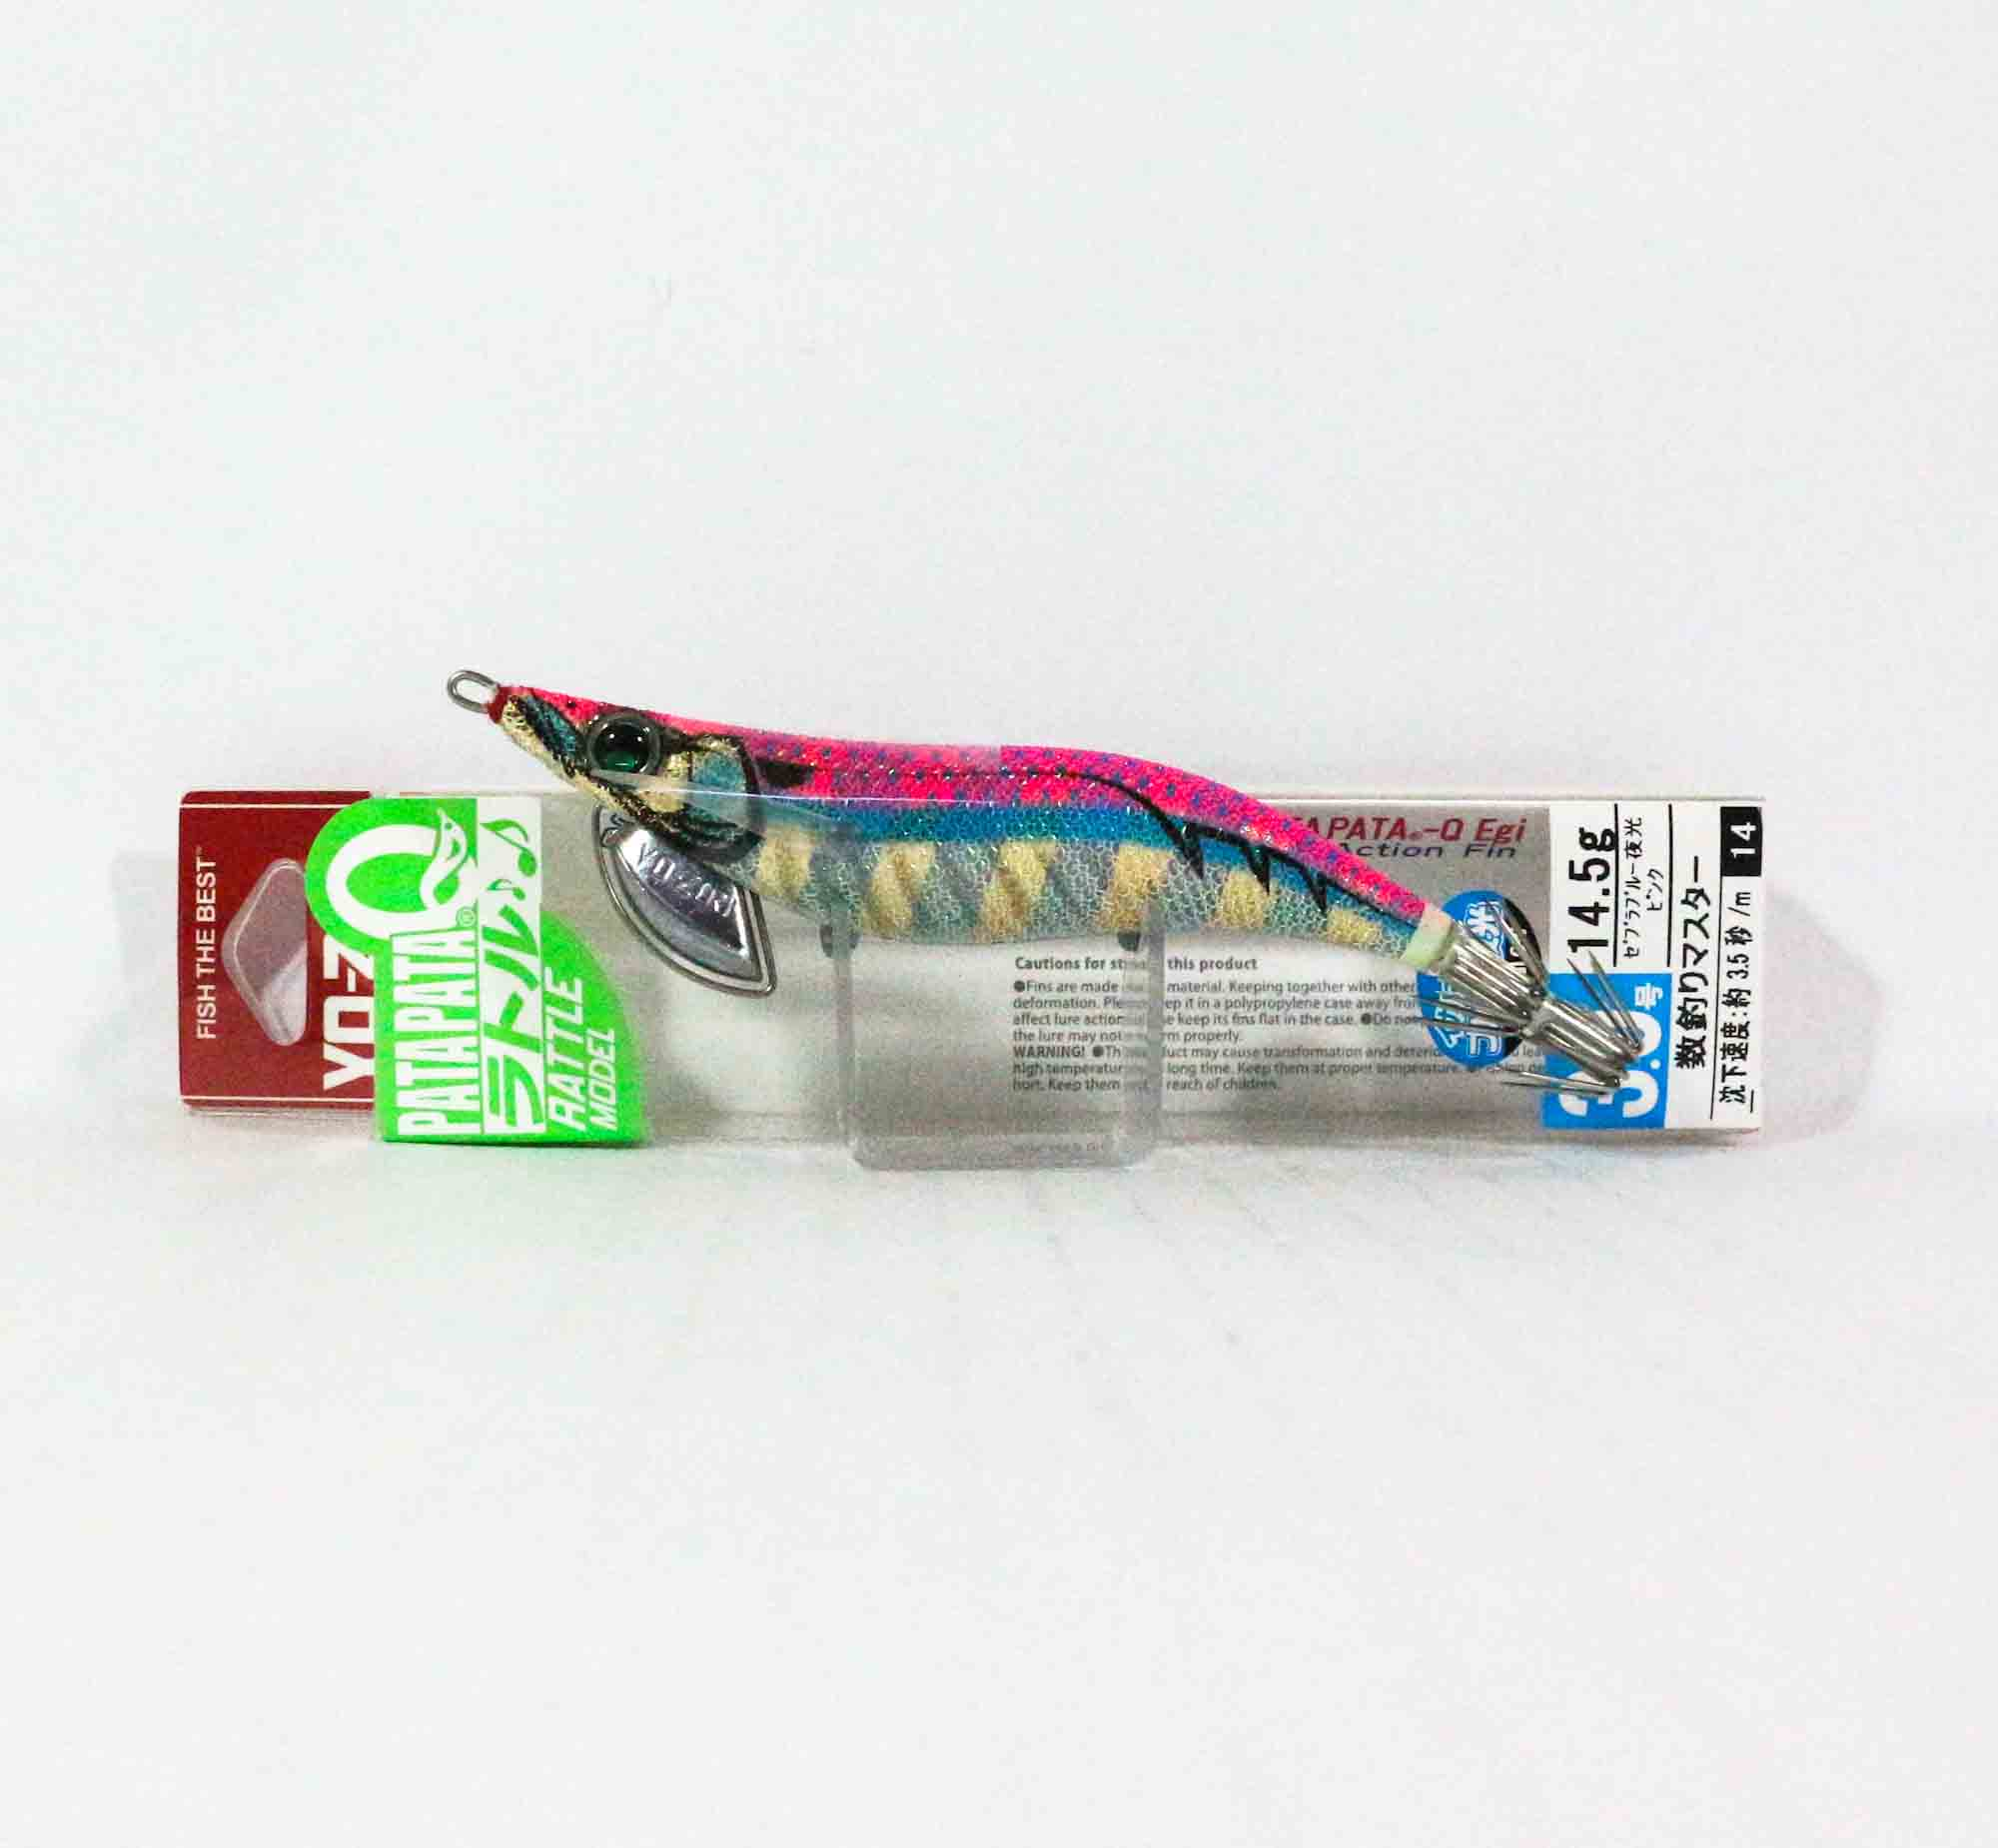 5388 Yo Zuri Egi Pata Pata Q Rattle Squid Jig Lure Sinking Size 3.0 A1724-ZBLP